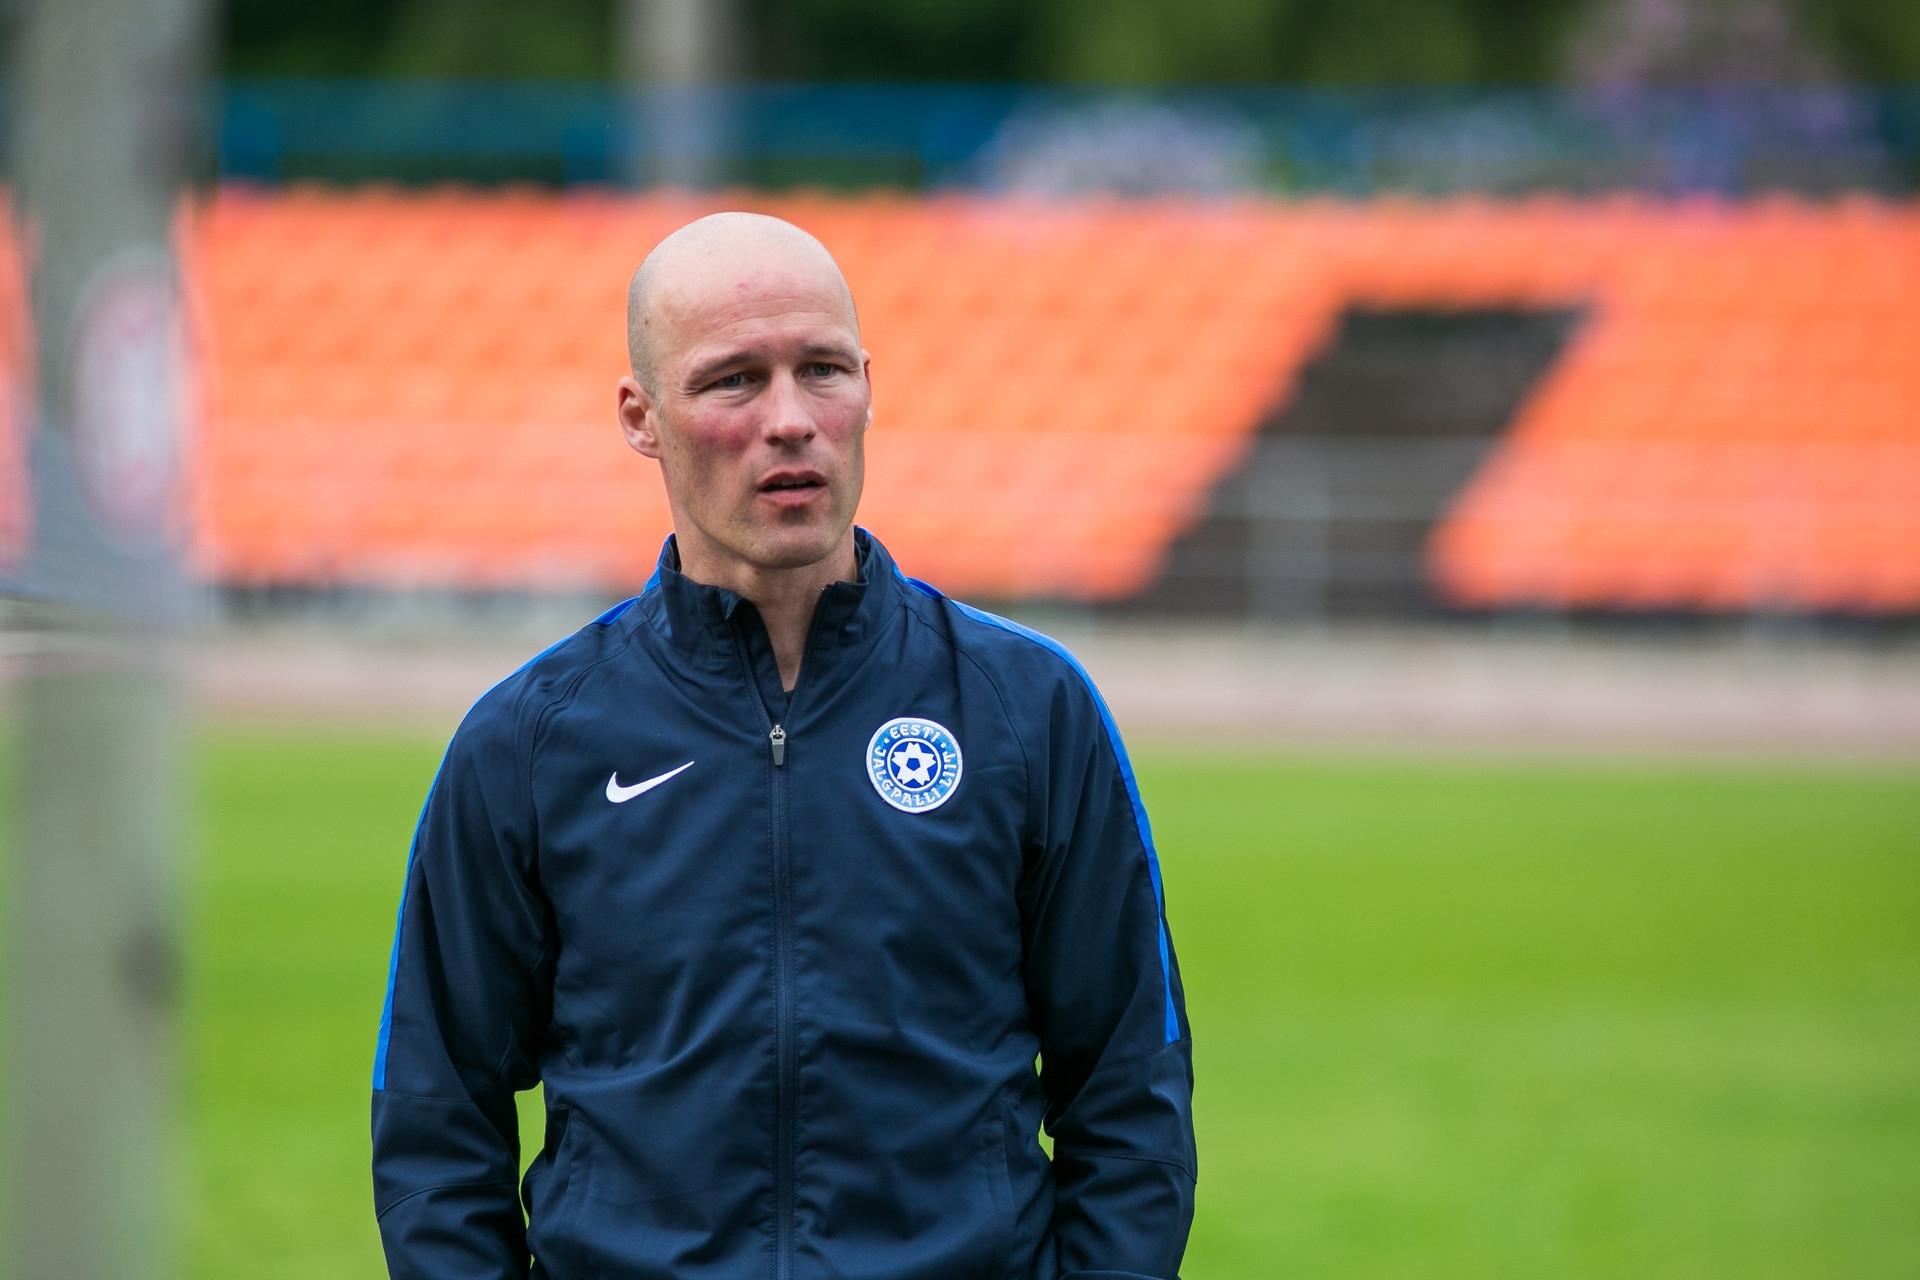 934a0f3f2cc Eesti meeste noortekoondiseid juhendavad tänavu kogenud treenerid. U21  koondise eesotsas jätkab Karel Voolaid, U19 koondise peatreeneri ametisse  määrati ...